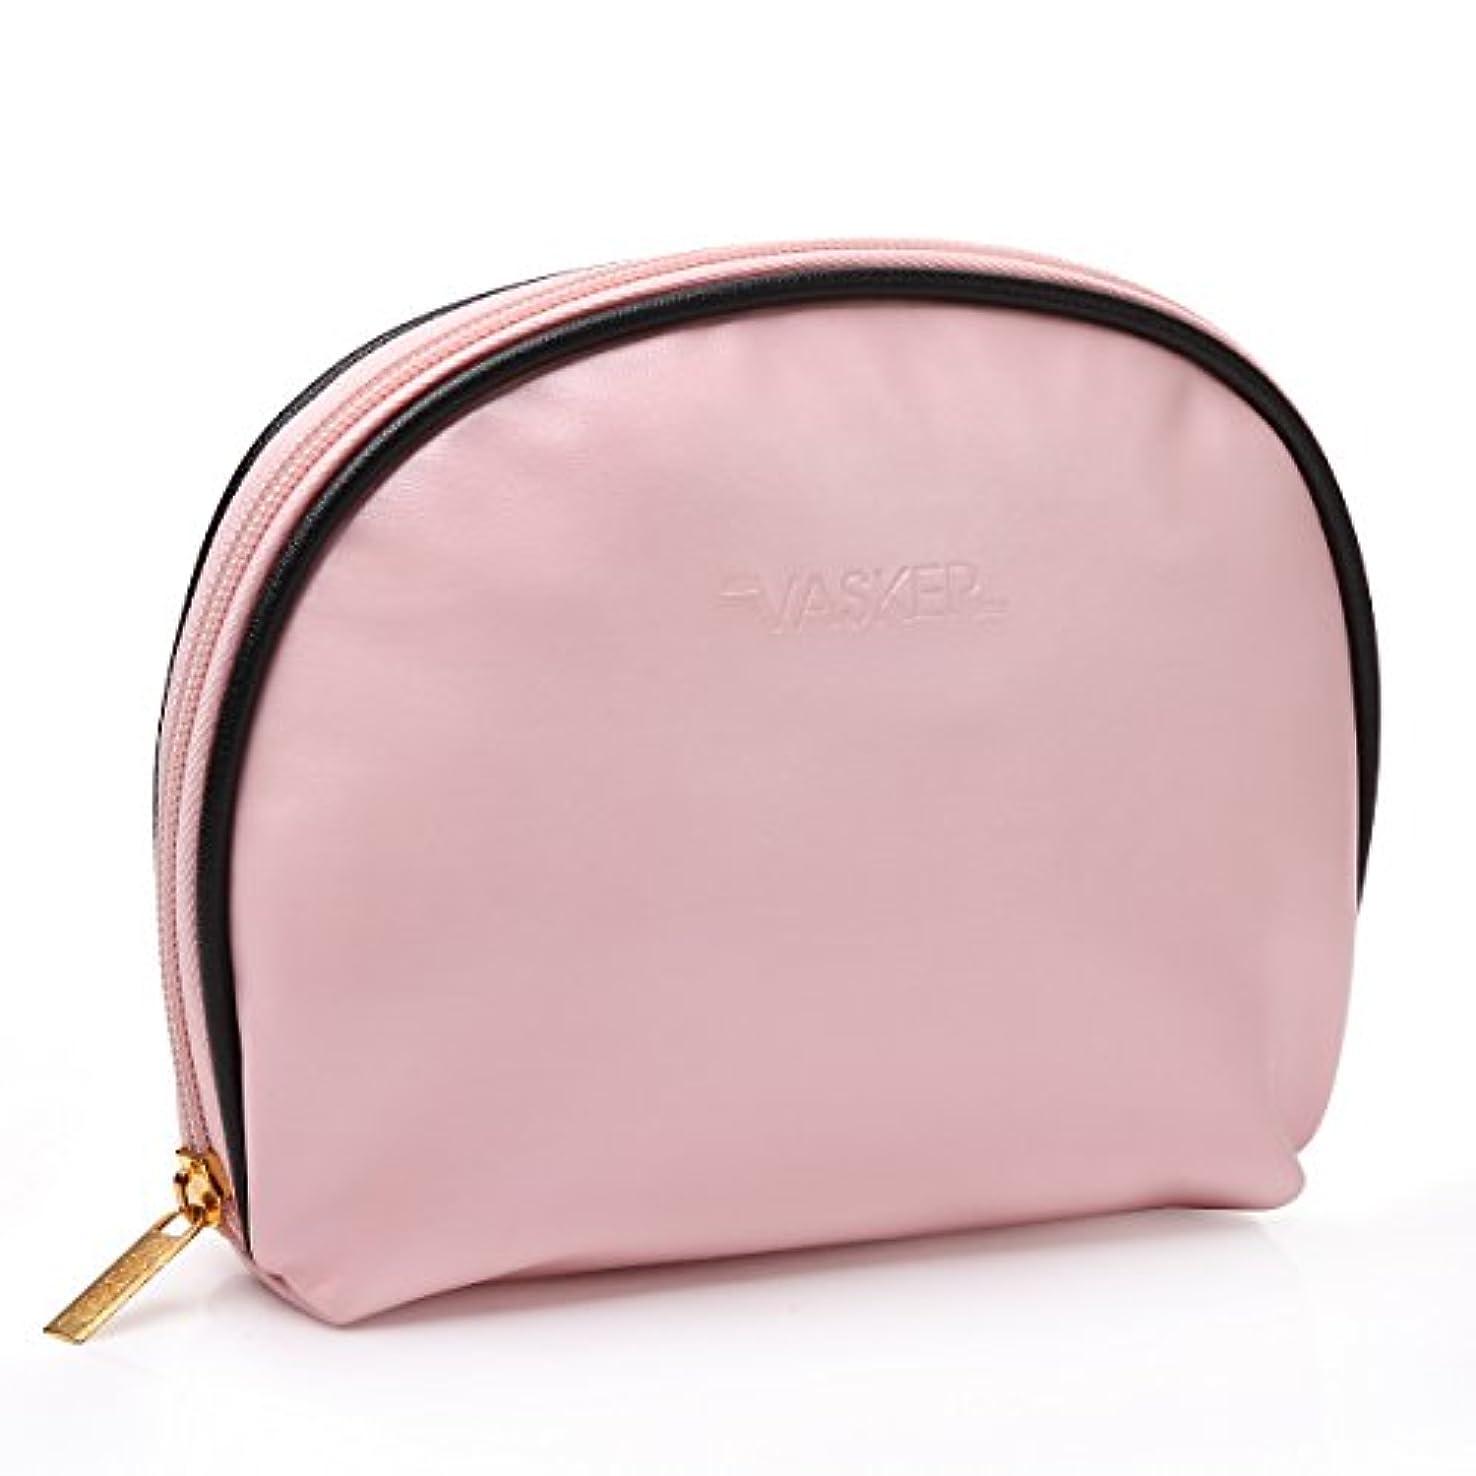 銀河戻す盗賊VASKER 化粧ポーチ メイクアップバッグ 高品質 小物入れ レディース用 出張 旅行 ピンク